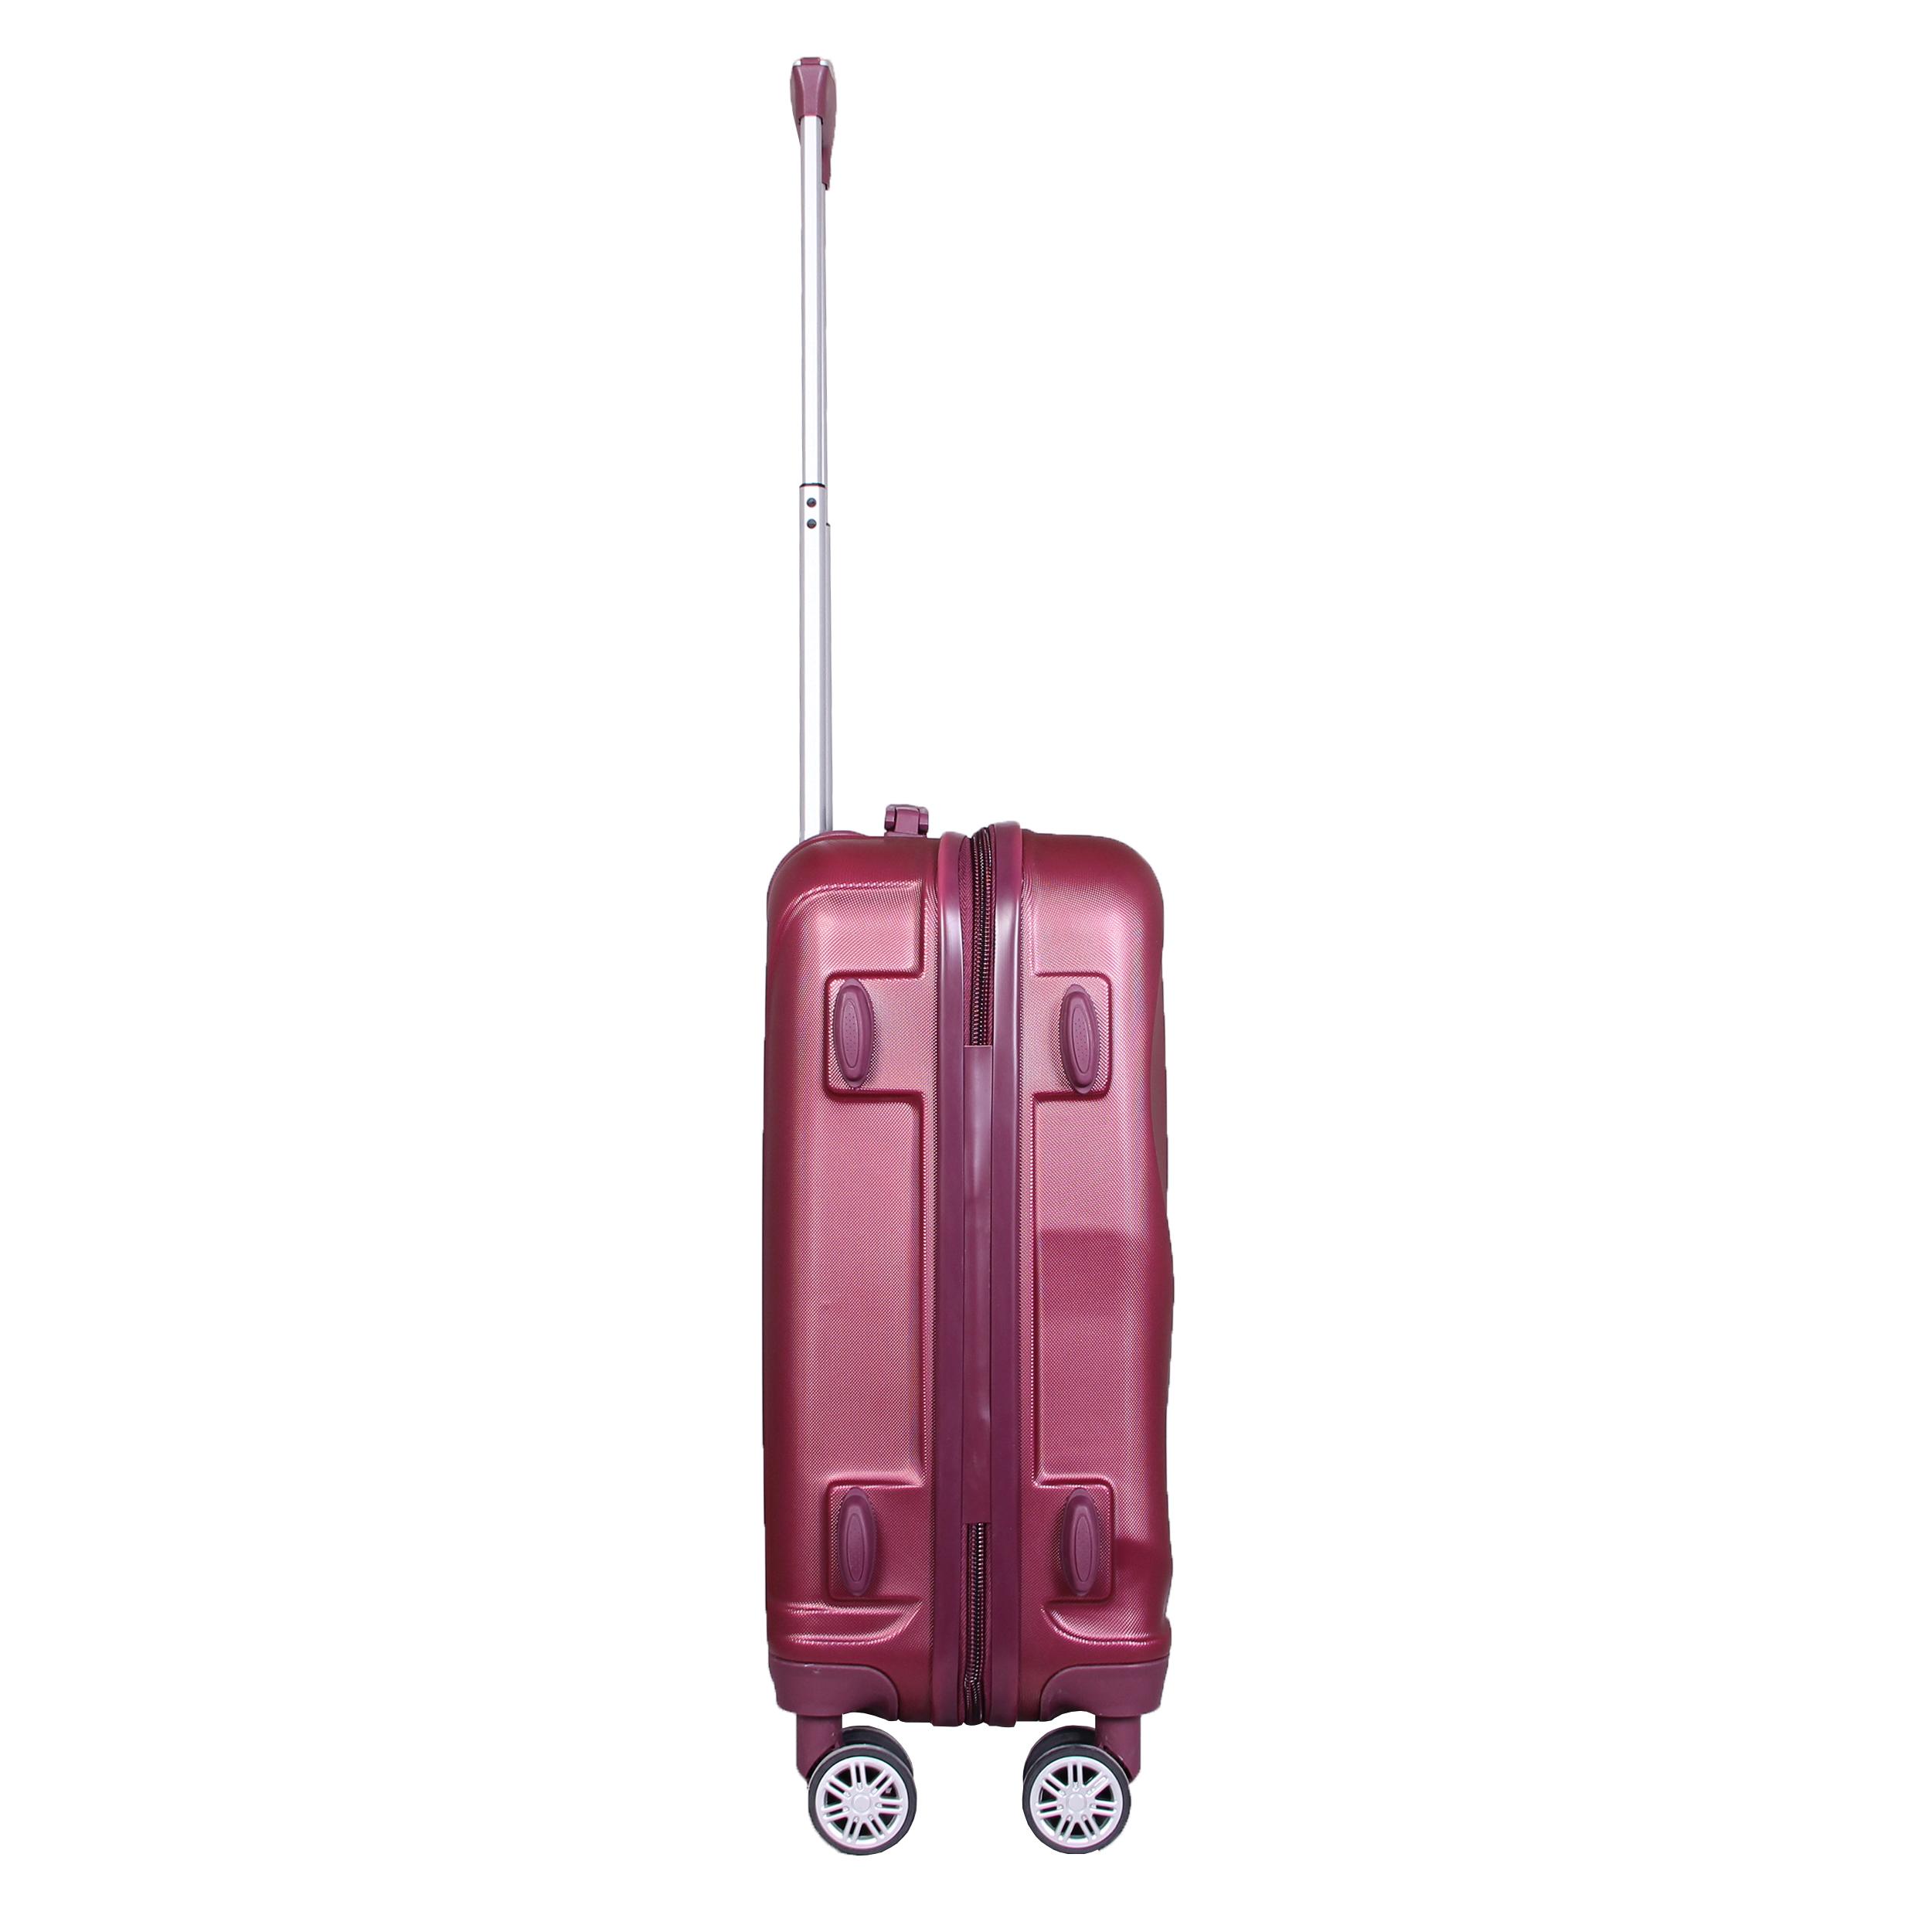 مجموعه چهار عددی چمدان مدل 319363 main 1 30